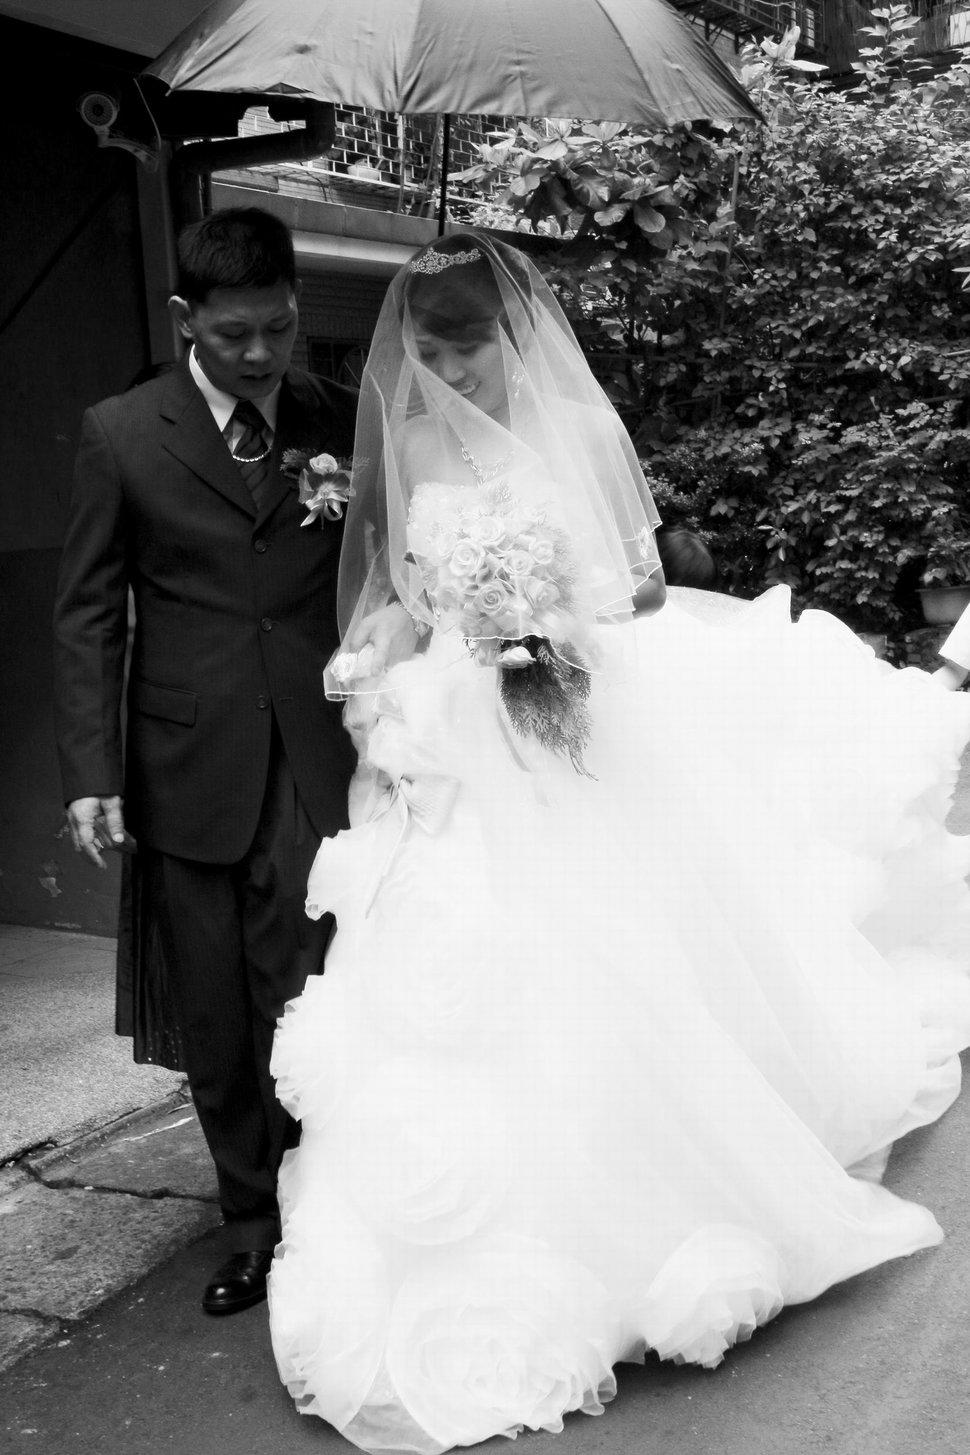 板橋吉立定結餐廳迎娶文定婚禮記錄結婚迎娶婚禮攝影動態微電影錄影專業錄影平面攝影影婚禮主持人(編號:196979) - 蜜月拍照10800錄影12800攝影團隊 - 結婚吧